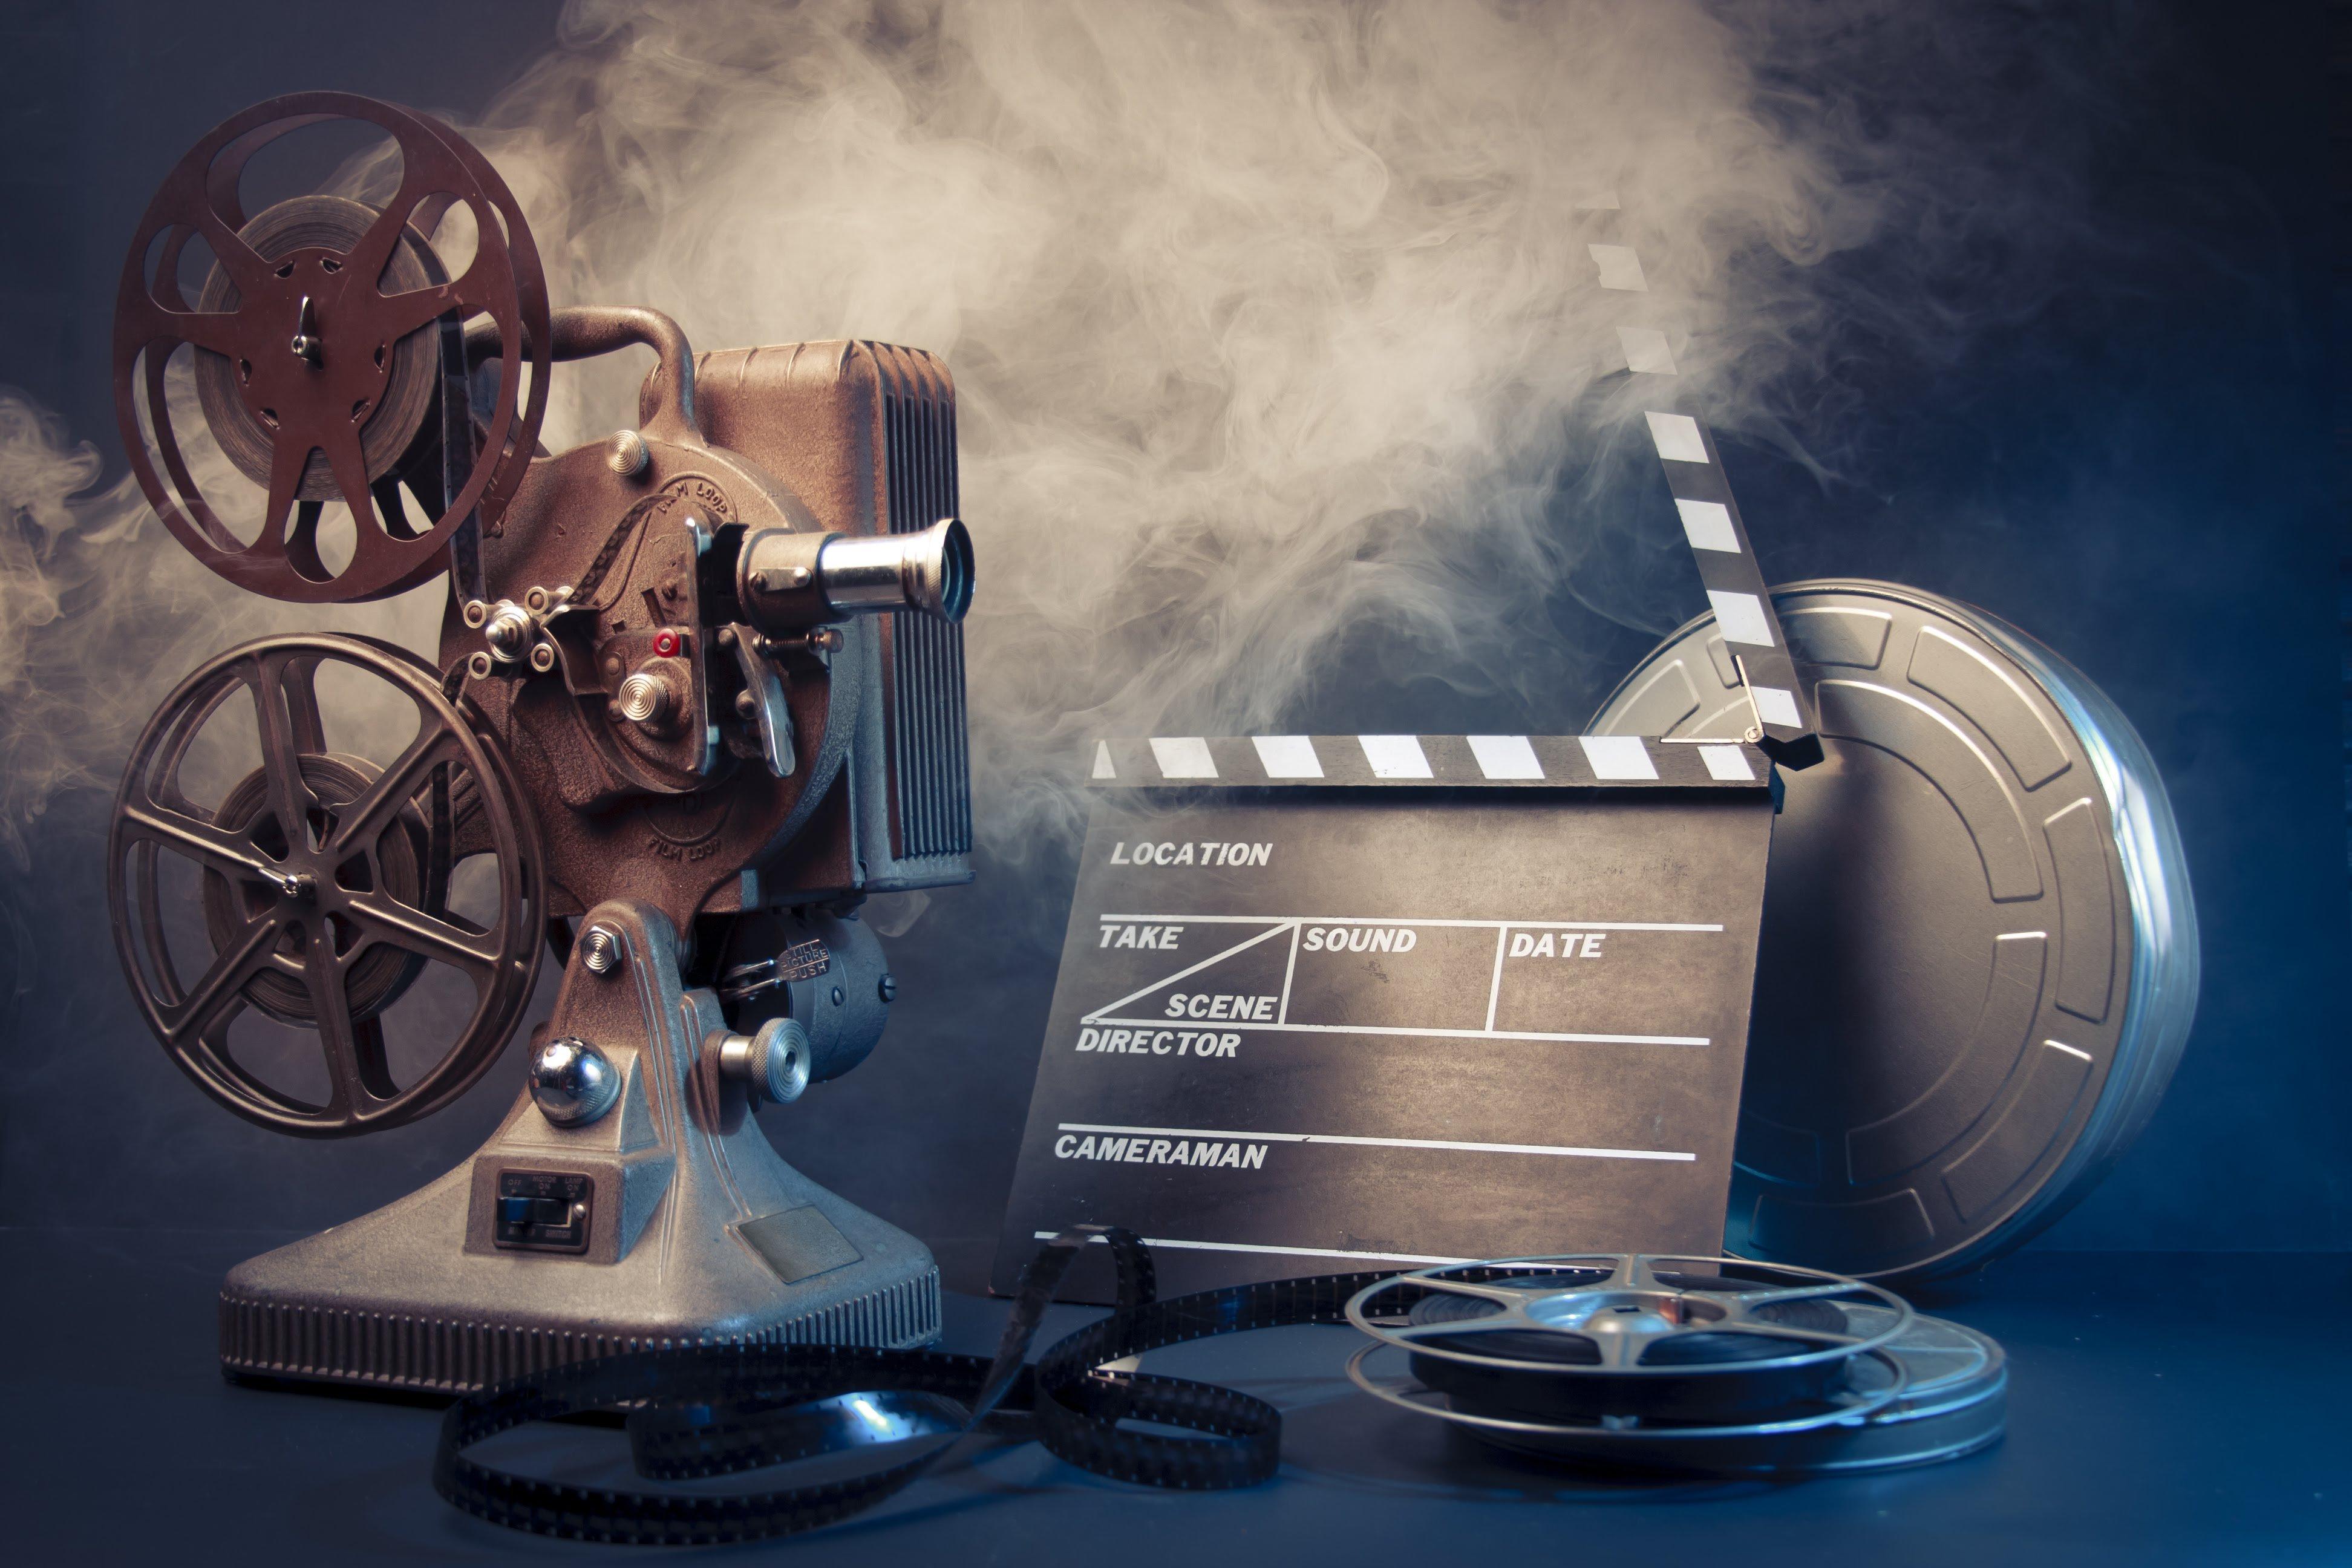 ВЦИОМ назвал самые известные фильмы граждан России